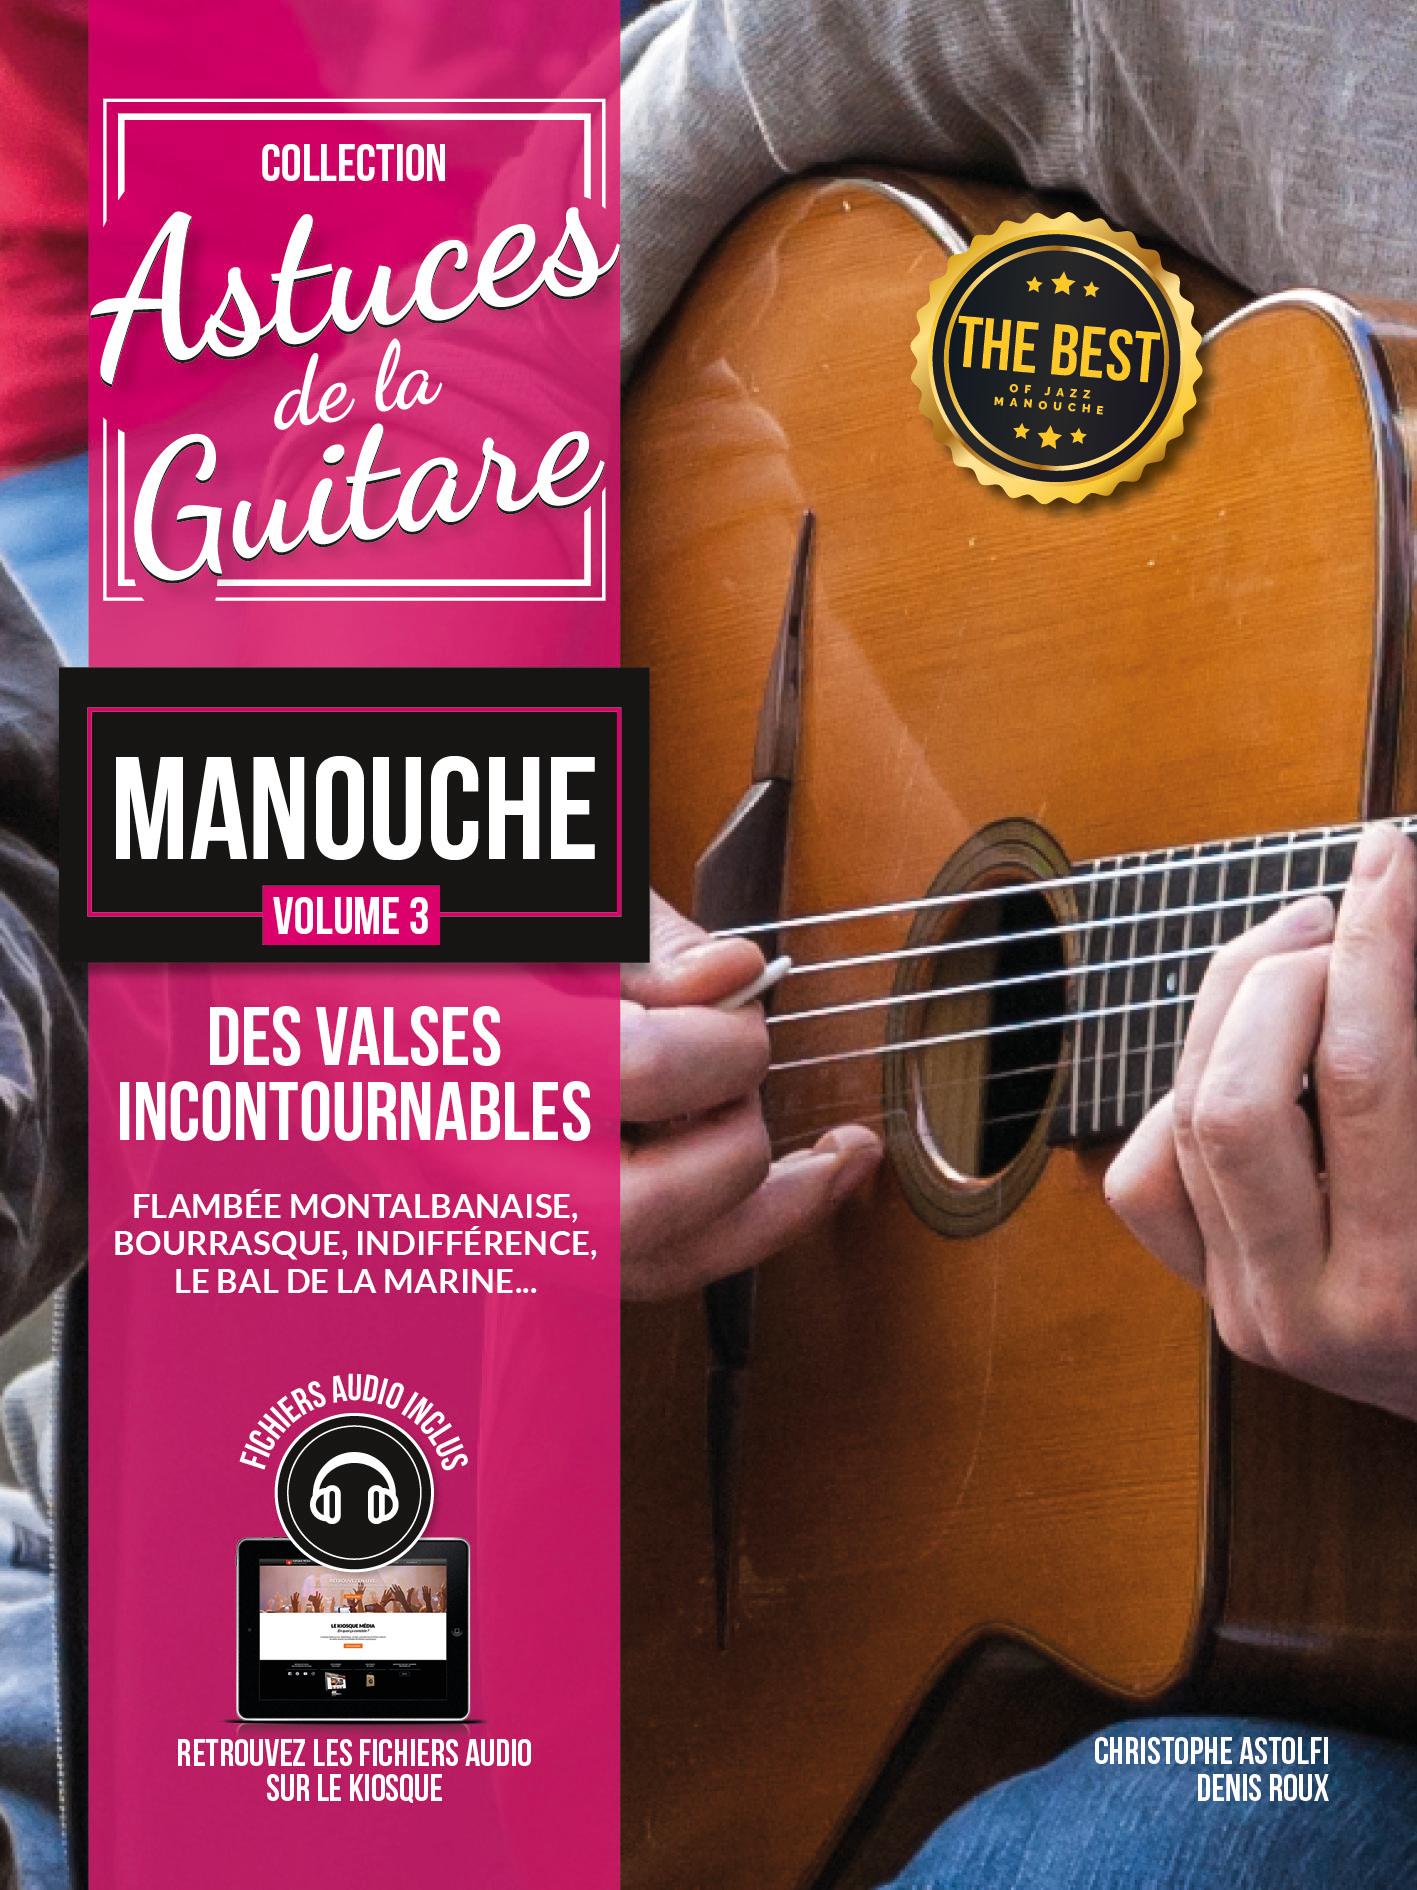 Christophe Astolfi Denis Roux Denis Roux: Astuces De La Guitare Manouche Vol. 3: